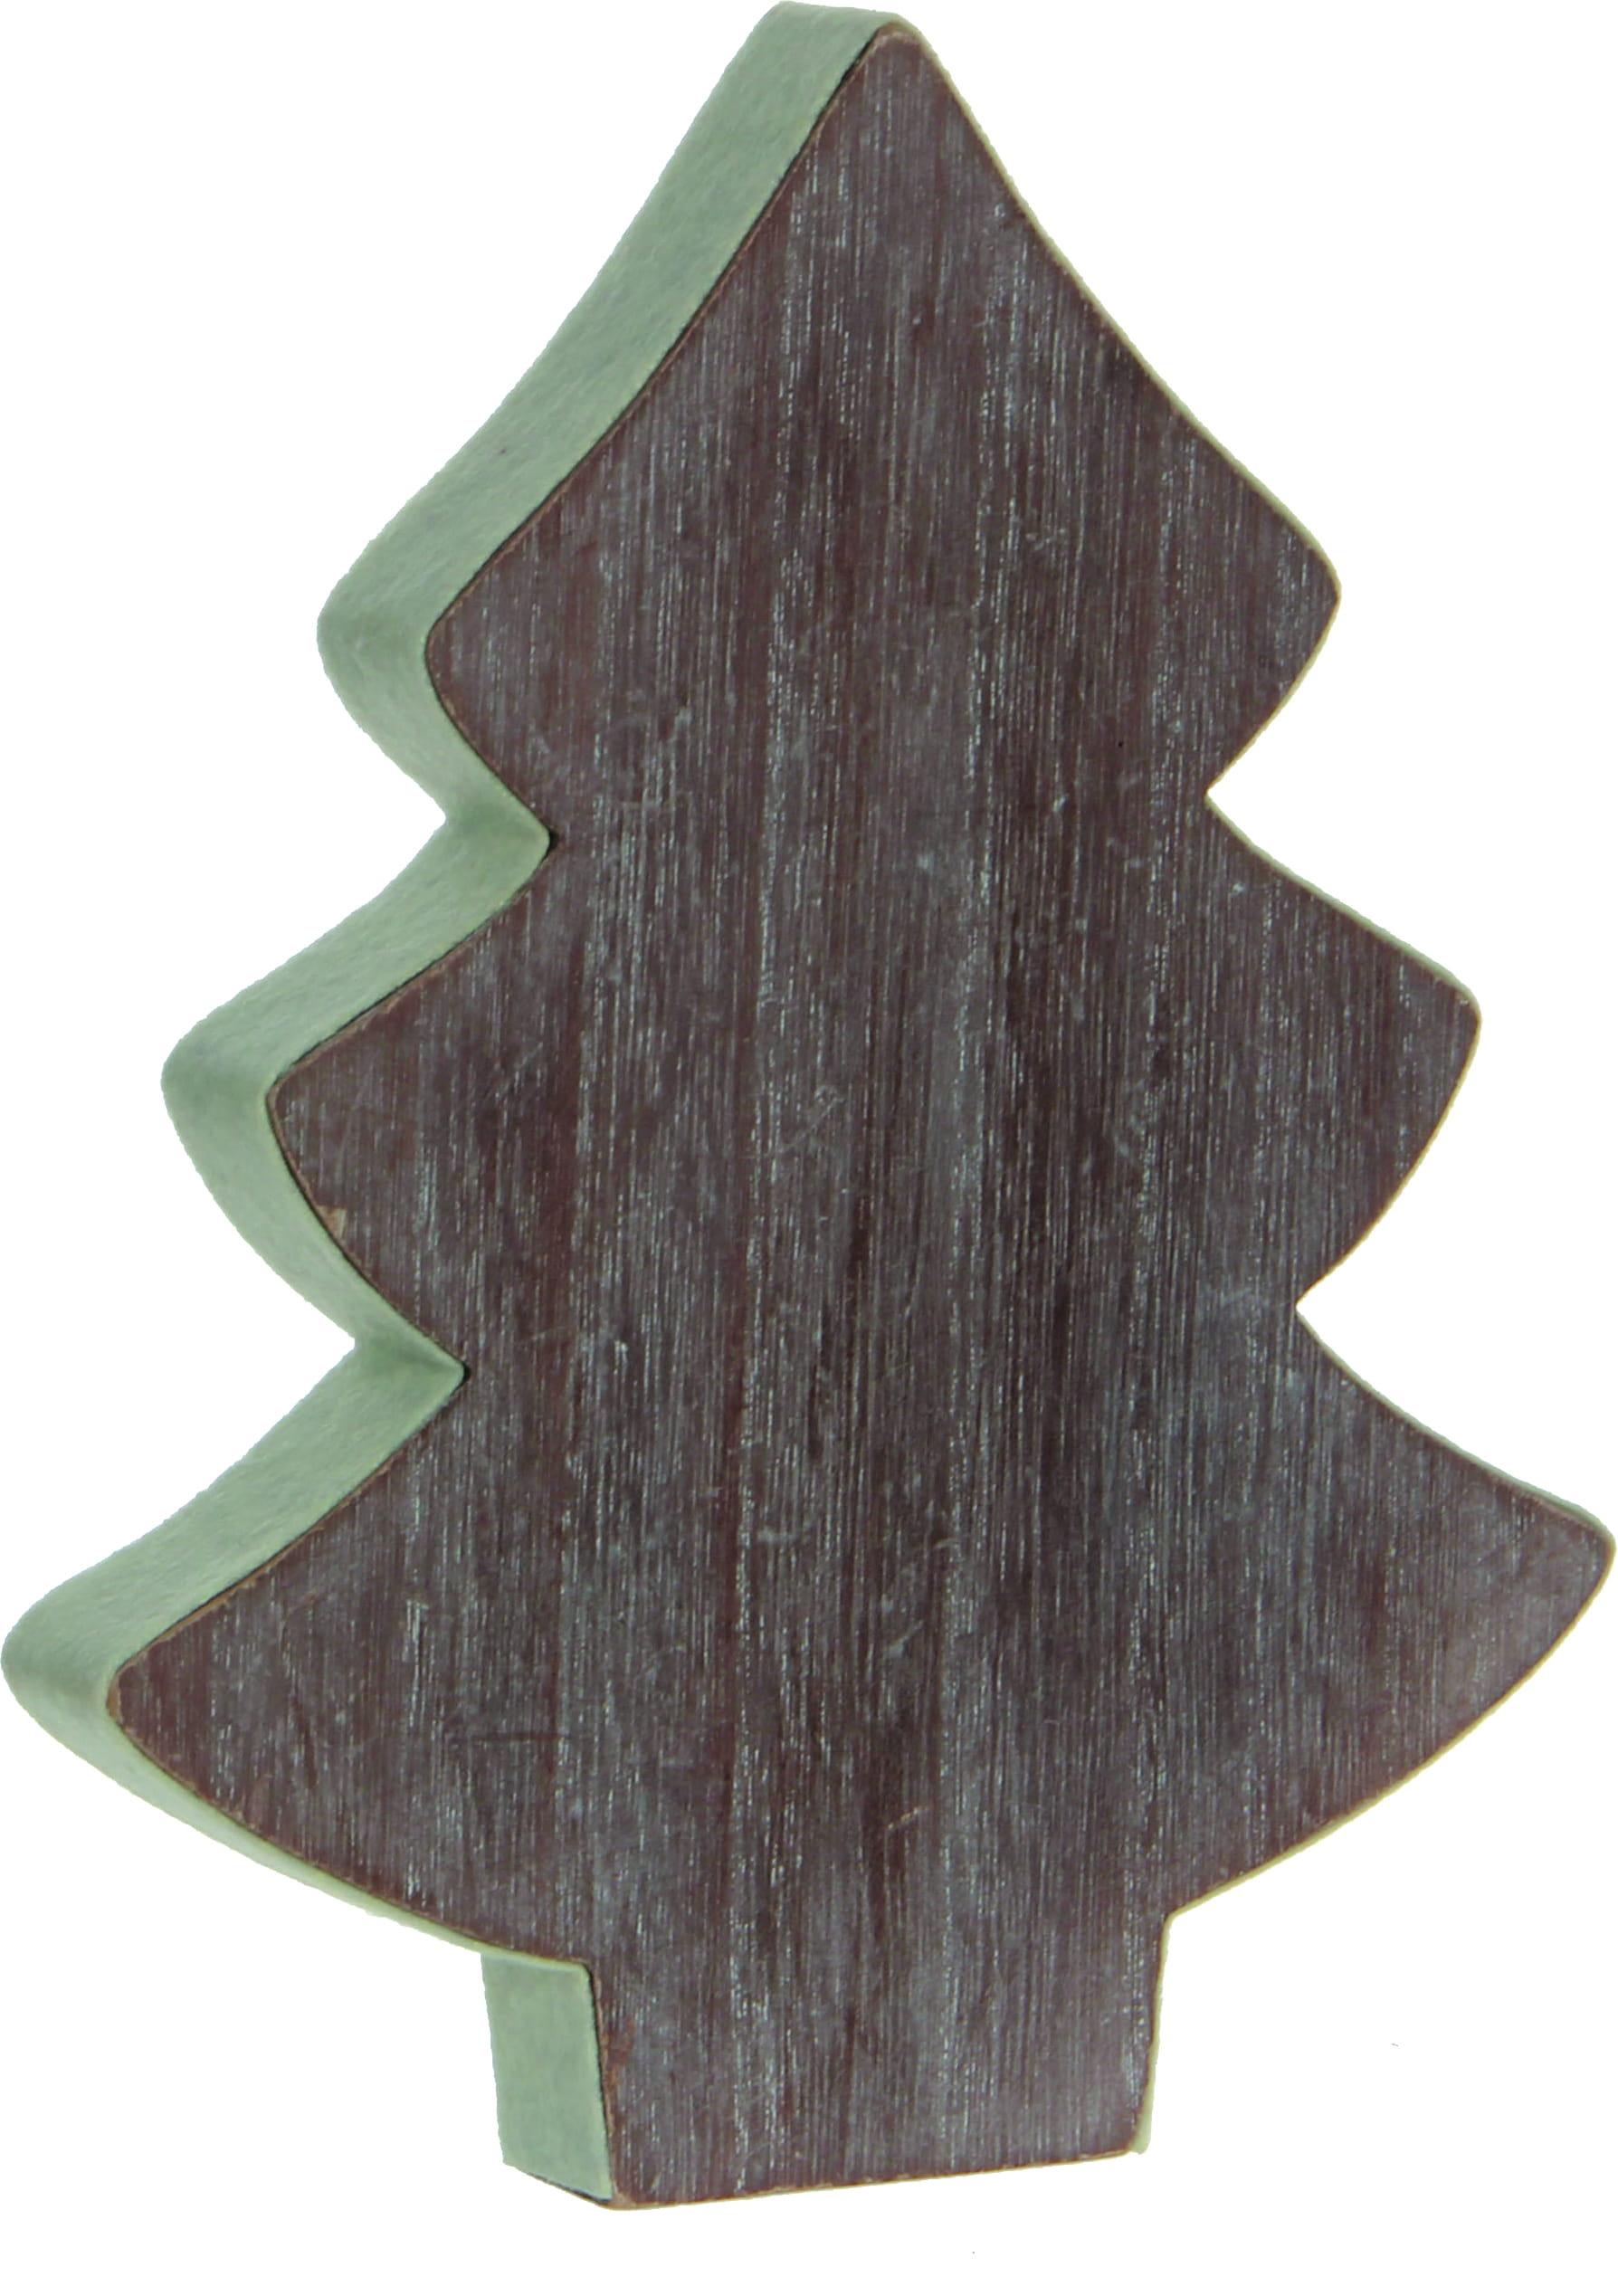 sapin de no l en bois poser jardiland des sapins de no l pas comme les autres journal des. Black Bedroom Furniture Sets. Home Design Ideas